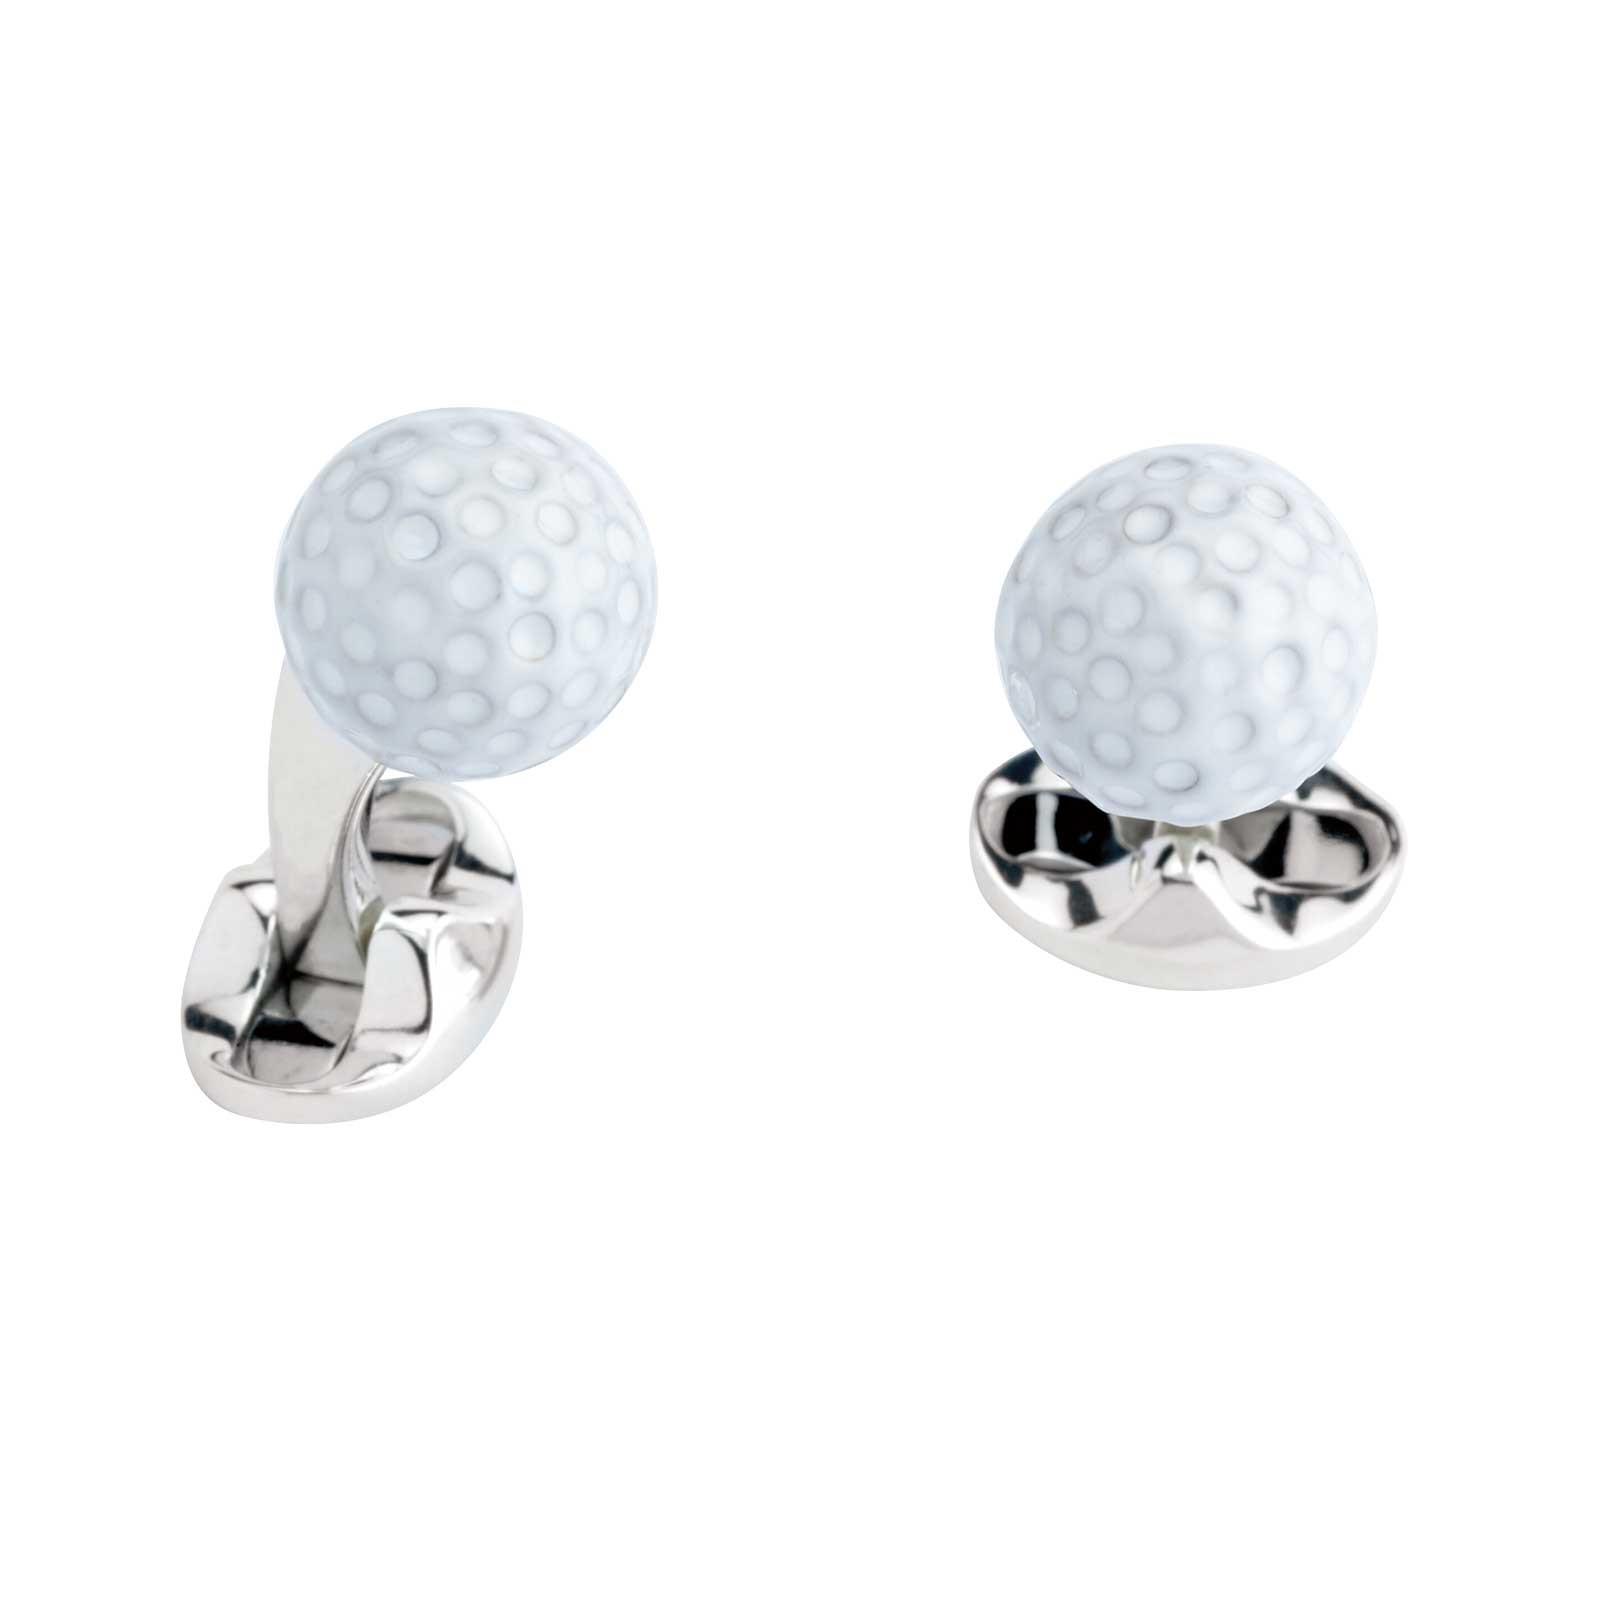 New Deakin & Francis Golf Ball Cufflinks